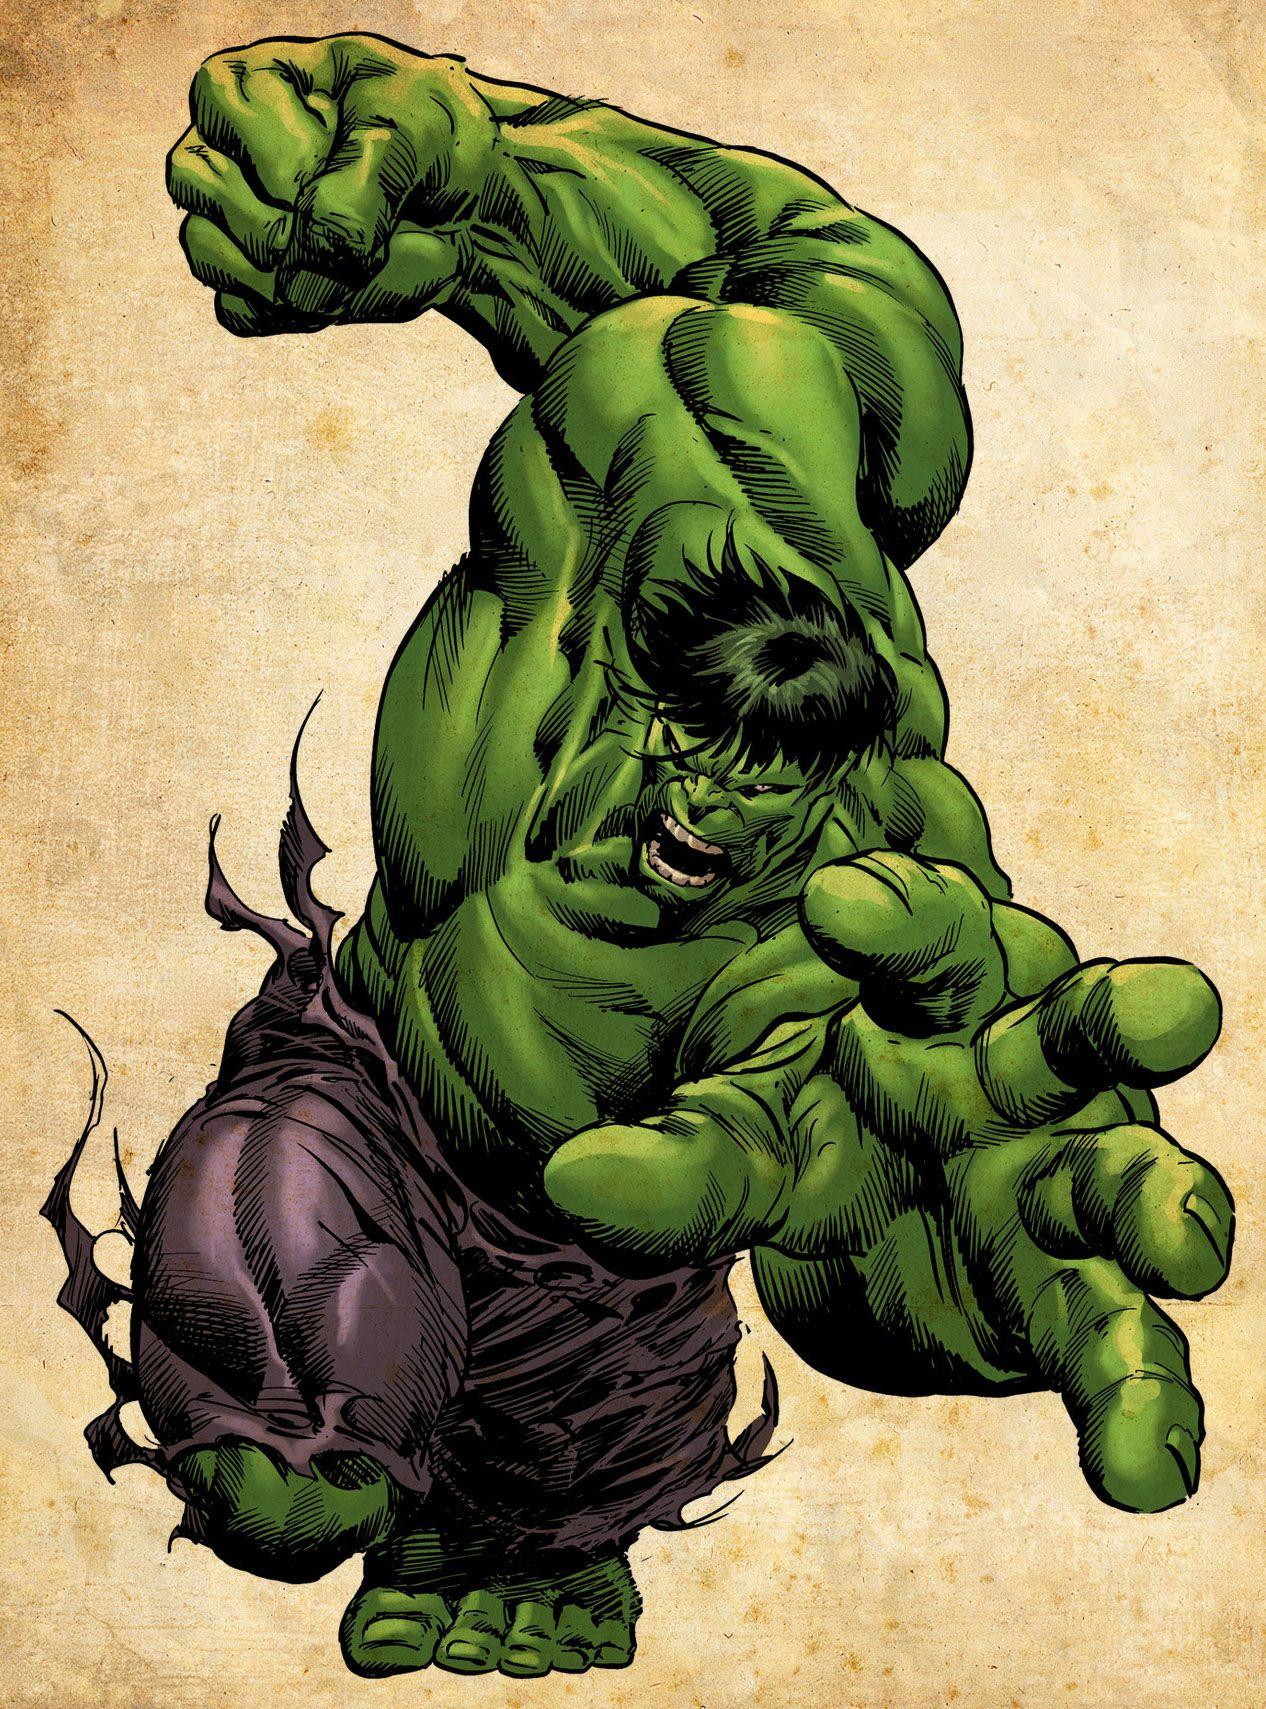 Hulk SMASH | HULK SMASH!!! | Pinterest